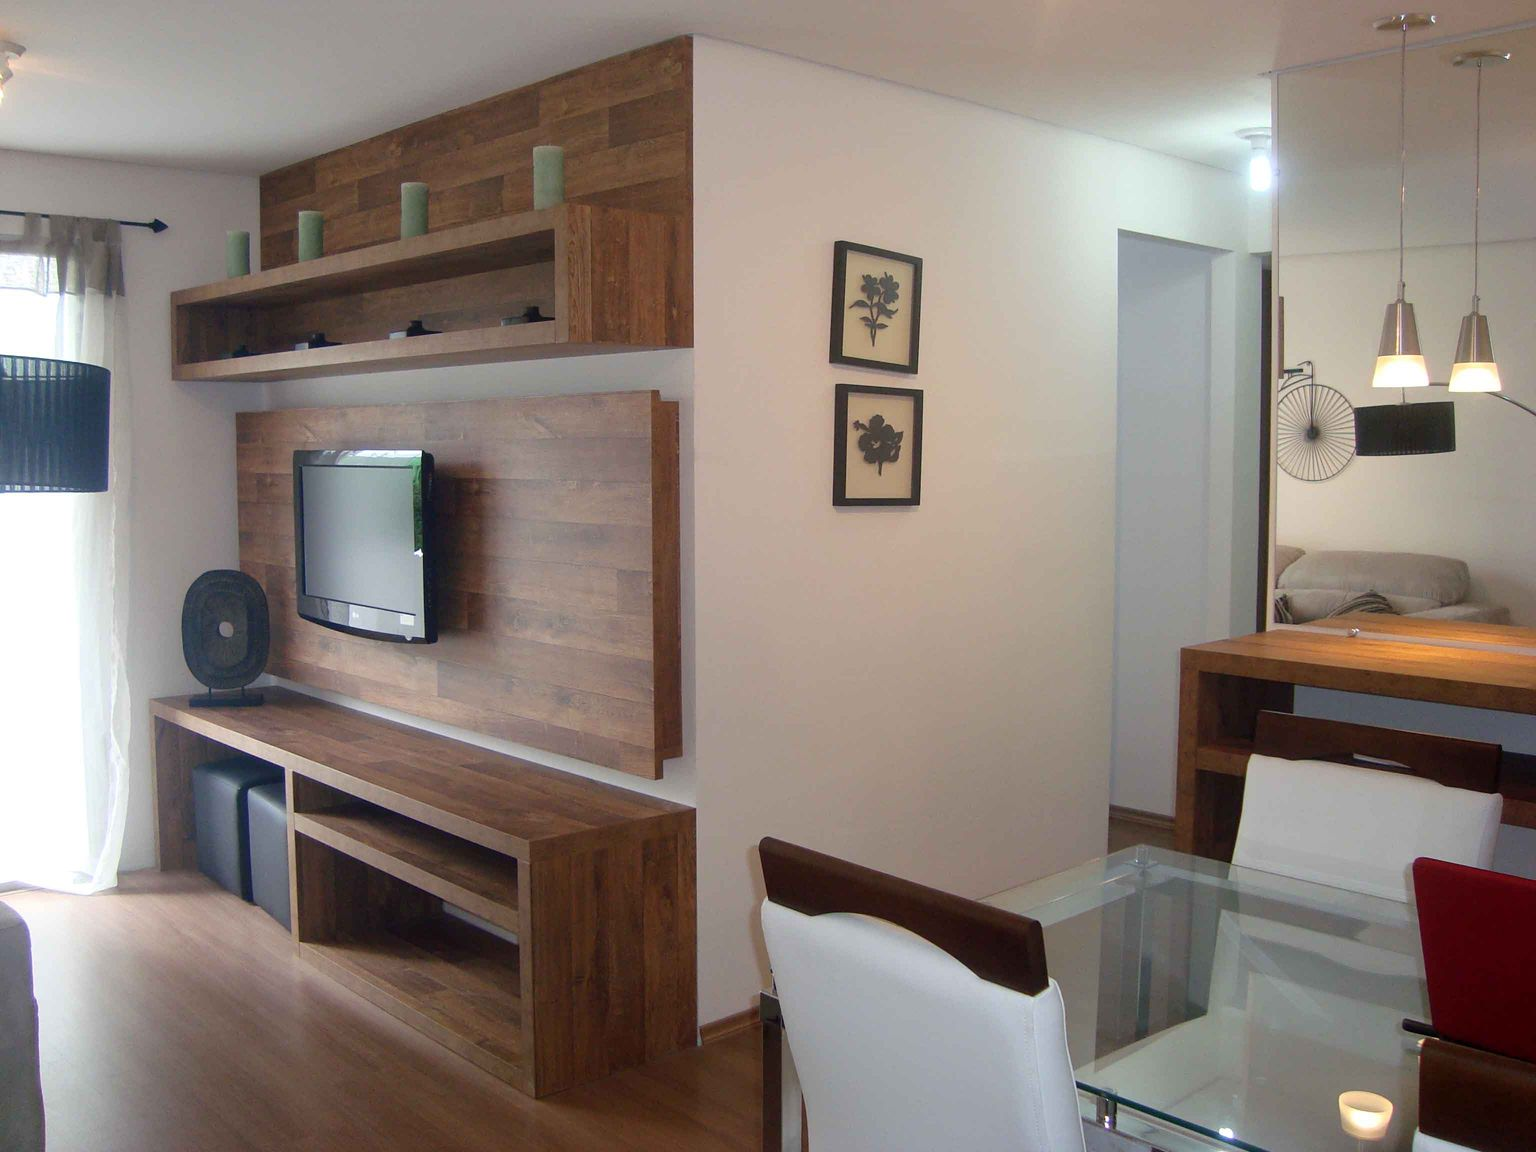 Sala de tv para apartamento pequeno 1536 1152 for Decoracion sala apartamento pequeno